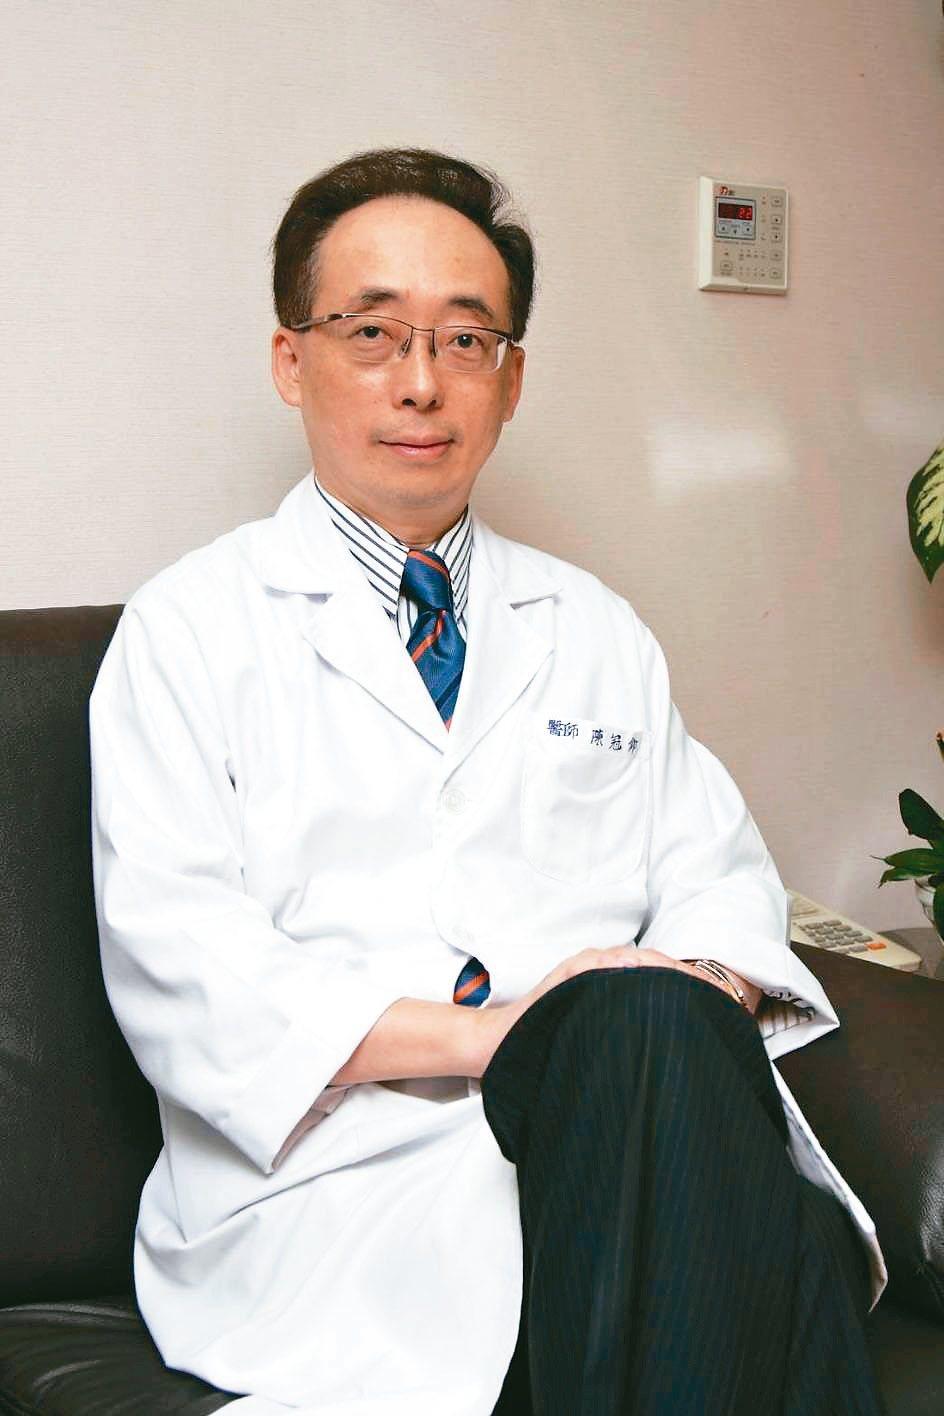 陳冠仰台北市立聯合醫院仁愛院區醫務長 圖╱聯醫提供